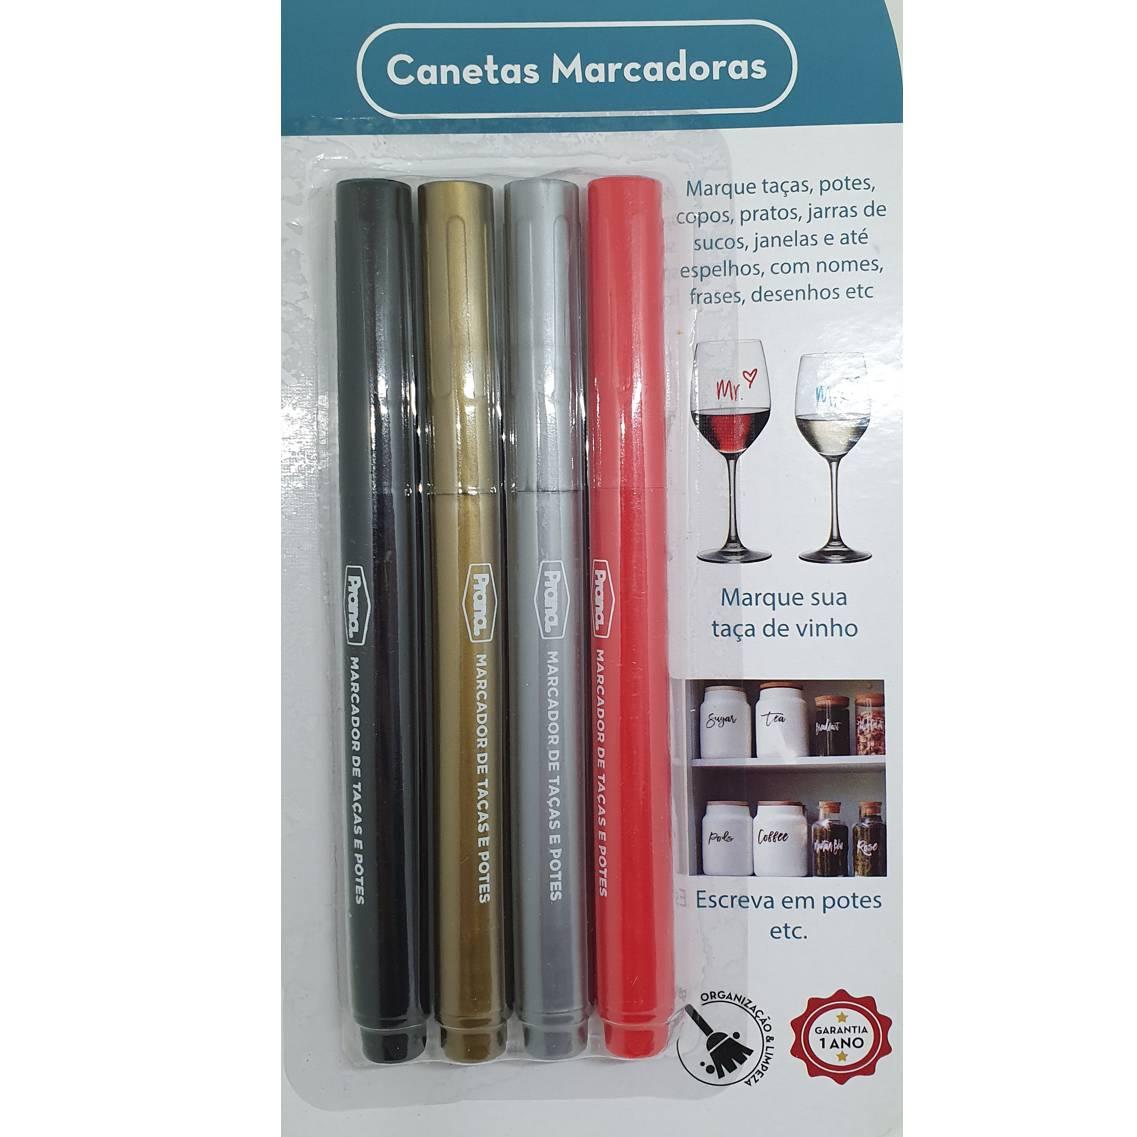 CONJUNTO COM 4 CANETAS MARCADORAS DE VIDRO